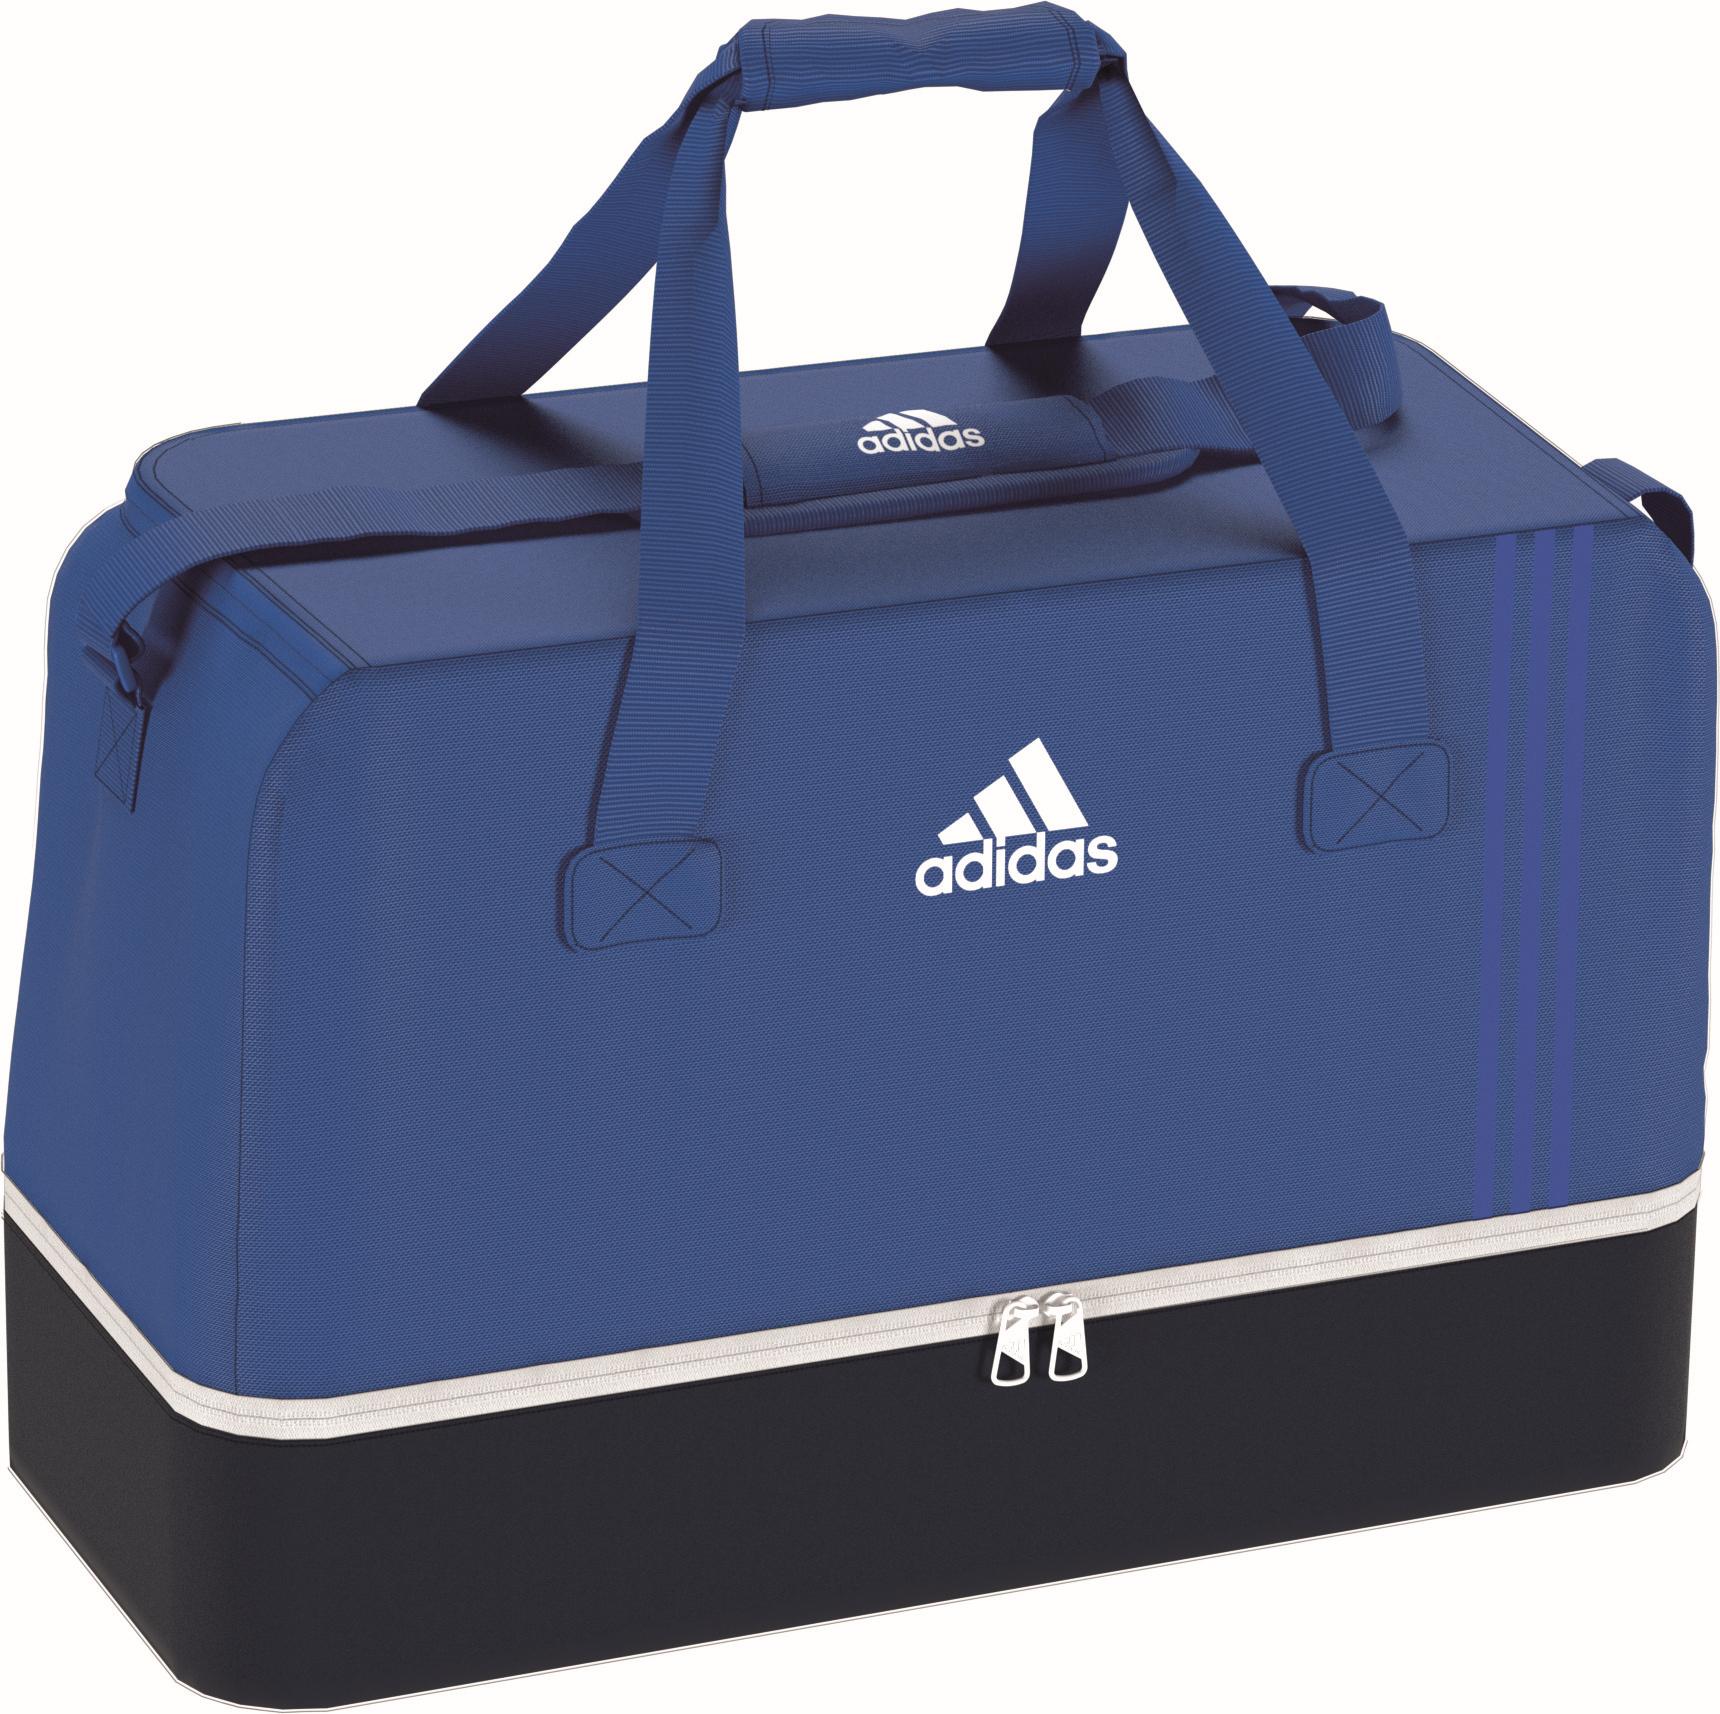 adidas Tiro Teambag - Large - Sporttasche mit Bodenfach (60 x 40 x 28 cm) für 18,99